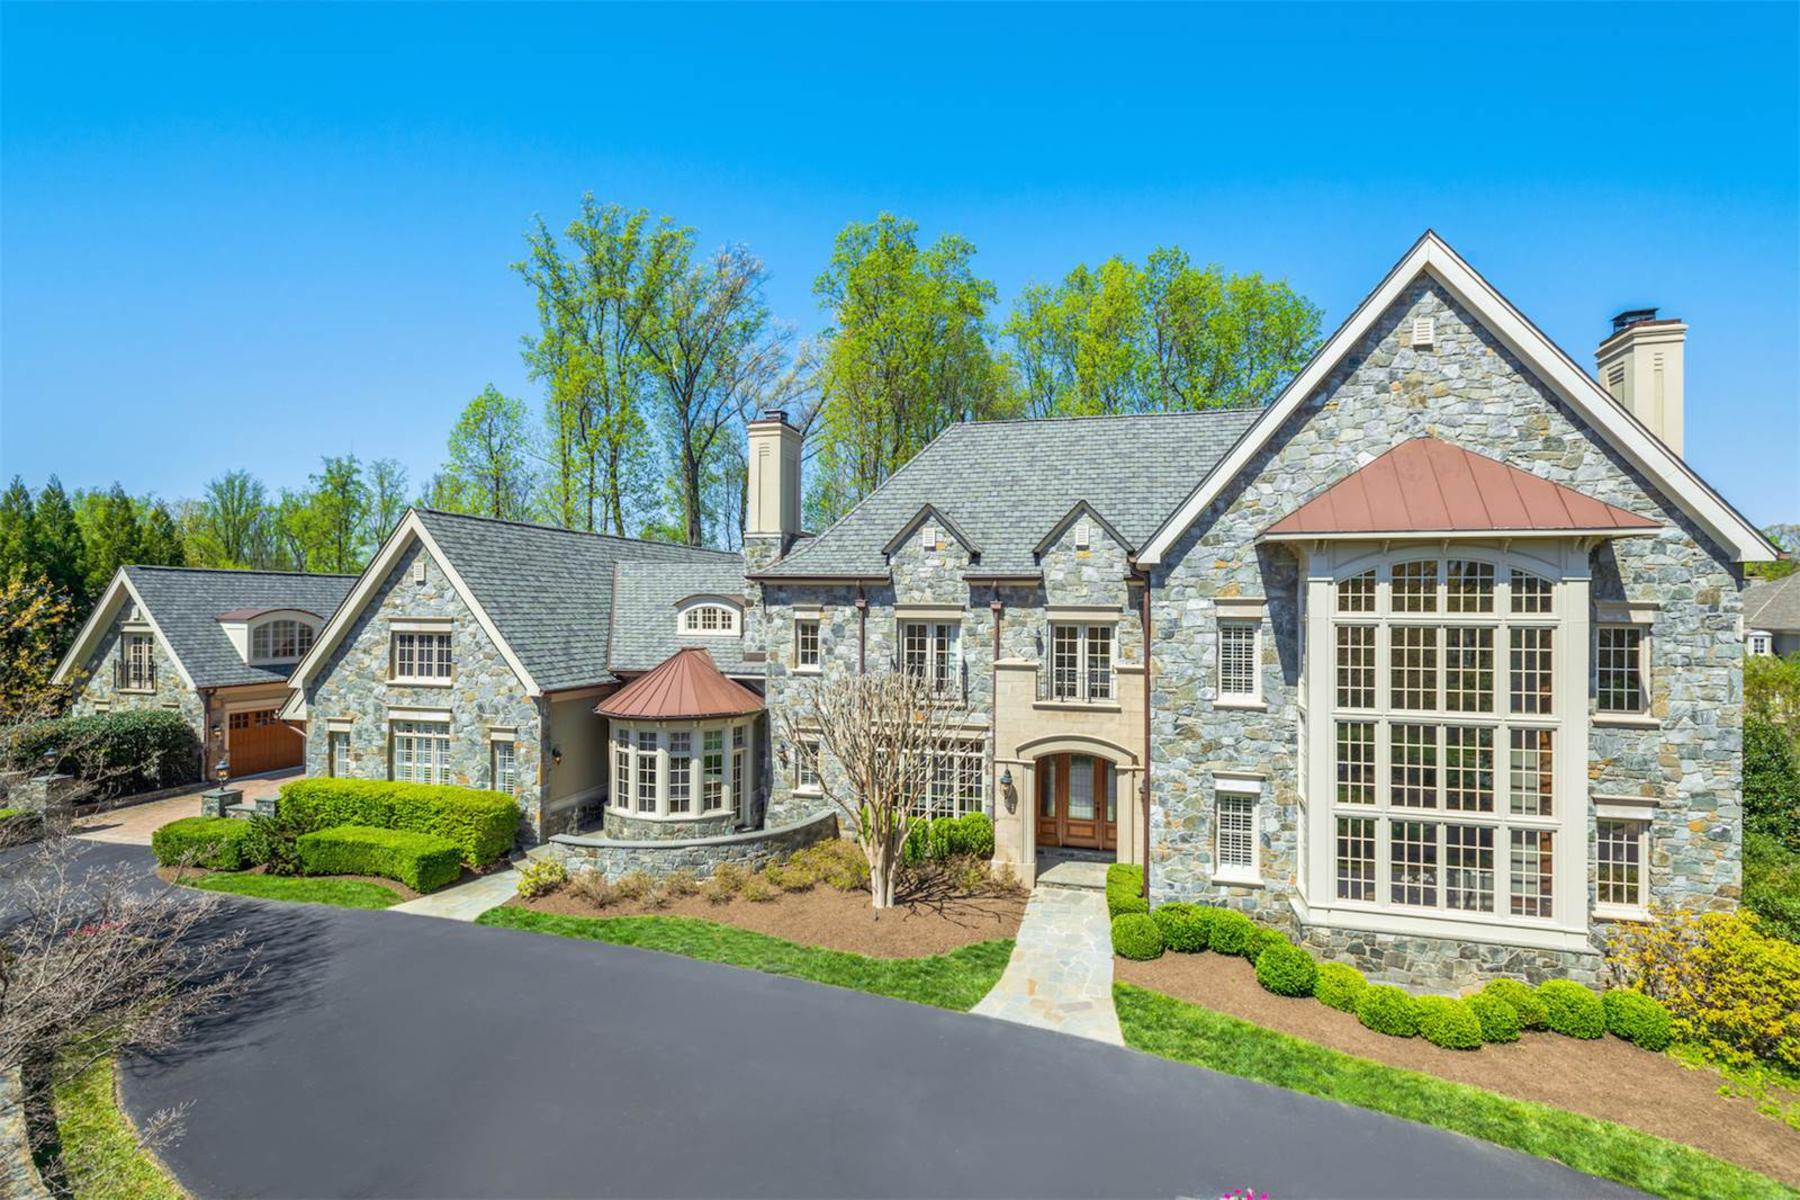 独户住宅 为 销售 在 Masterpiece in The Reserve 1017 Founders Ridge Ln 麦克林, 弗吉尼亚州, 22102 美国